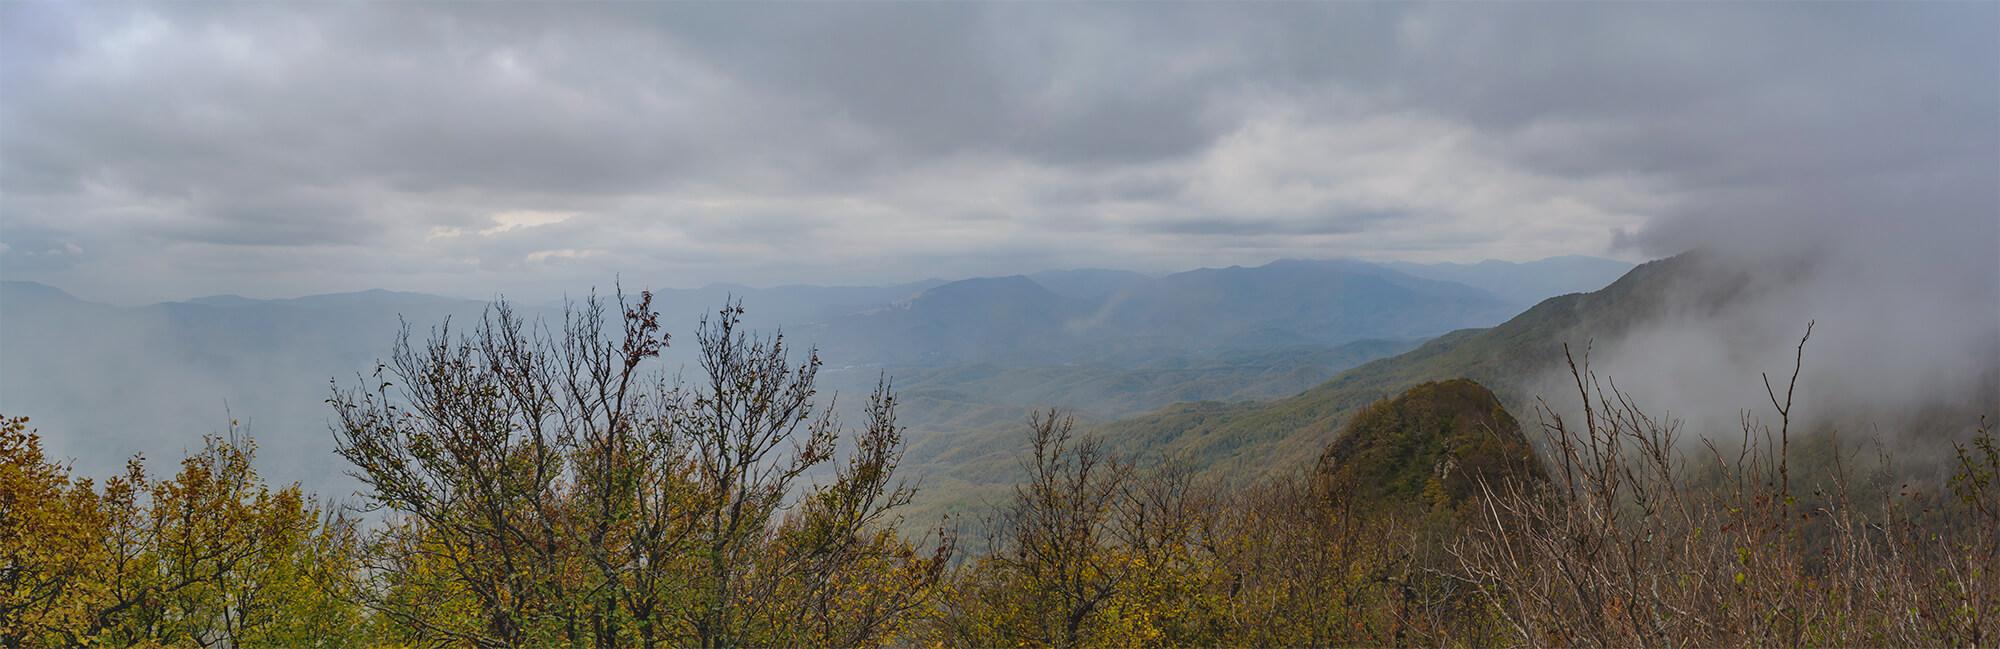 Панорама на вершину второго пика горы Два Брата